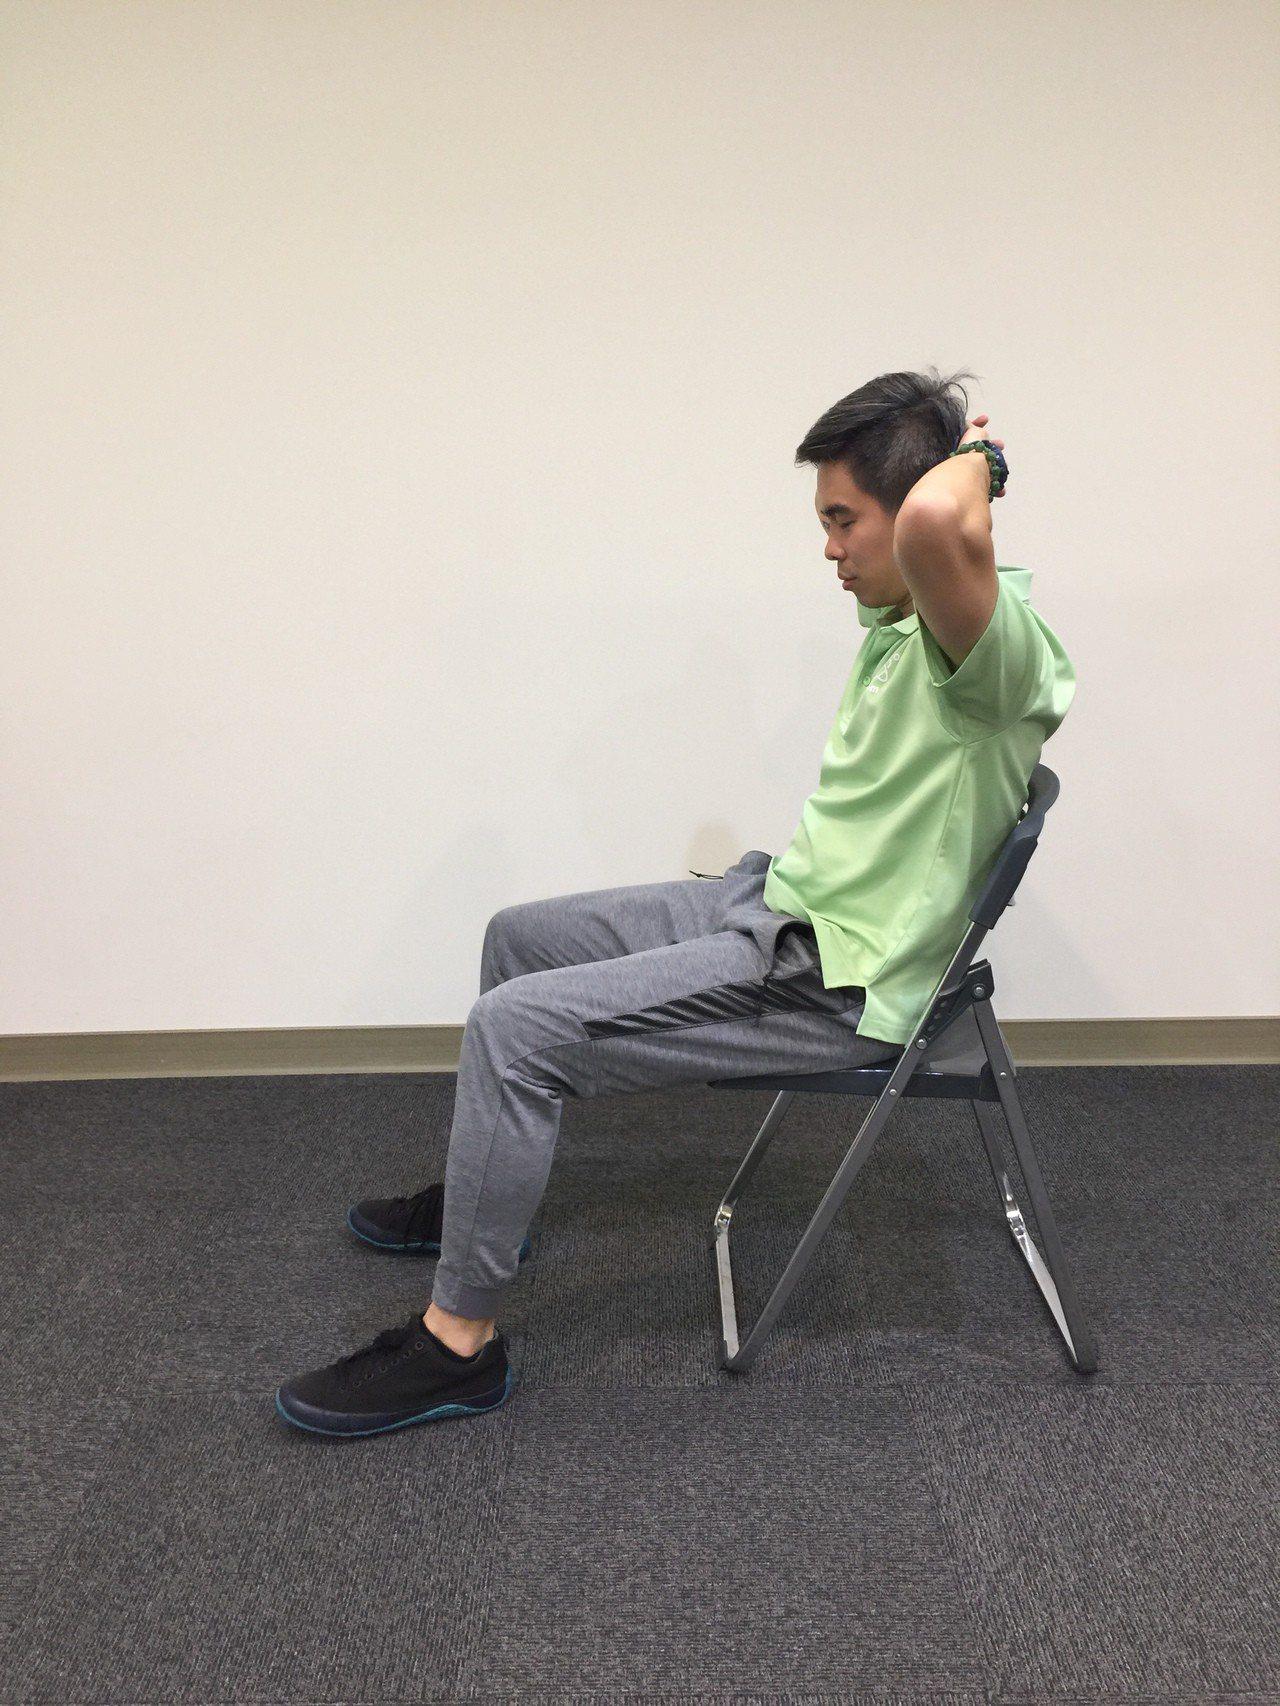 第一招:脊椎伸展。坐姿,雙手放在頸後,如角度不夠可交叉放置胸前。先把胸椎腰椎往後...